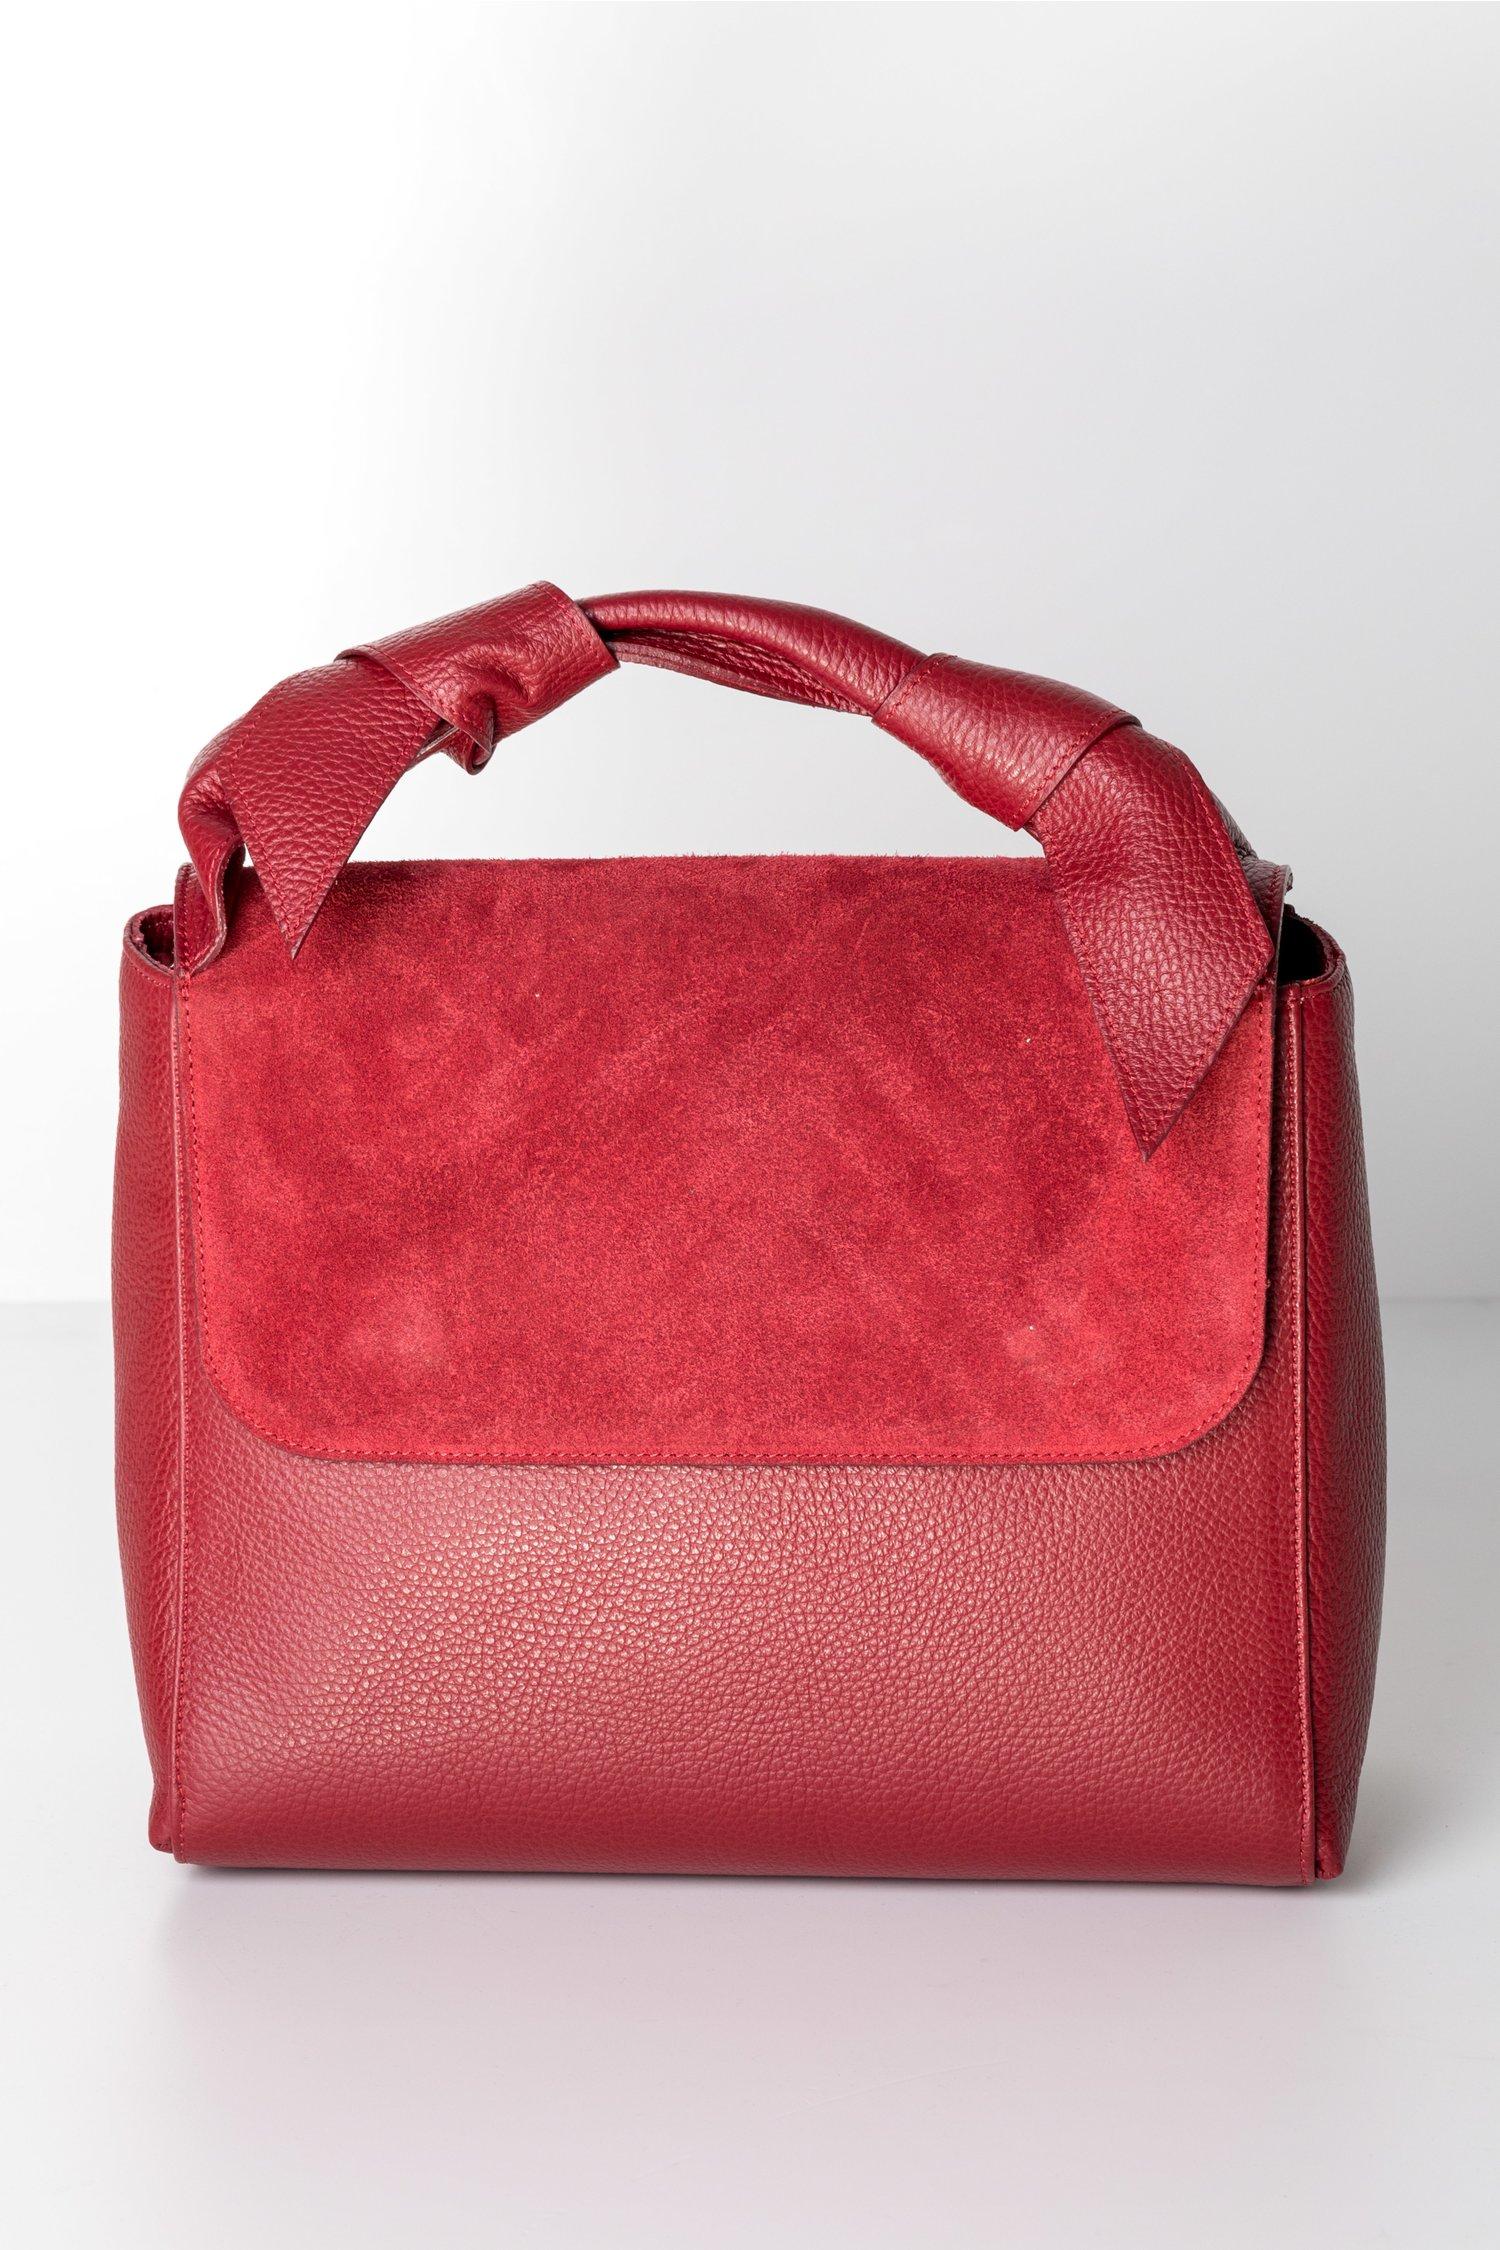 Geanta rosie din piele naturala cu aplicatii la maner